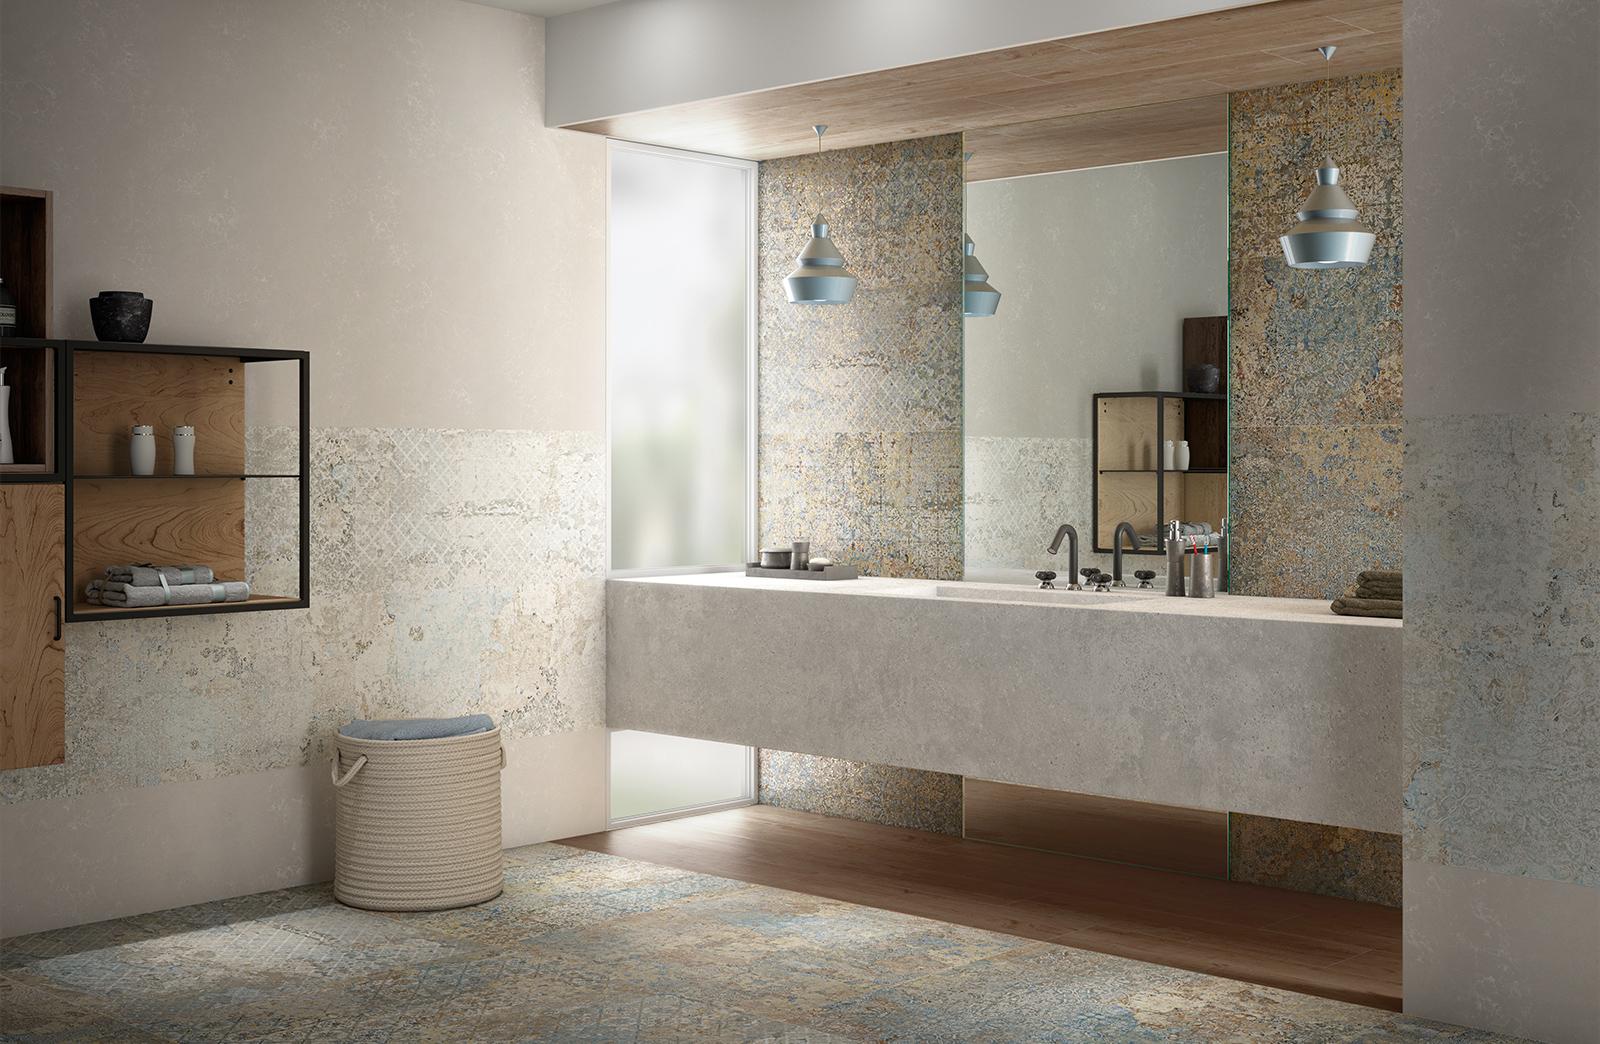 eurotilestonecarpetvestigebathroomsink  Euro Tile  Stone Euro Tile  Stone